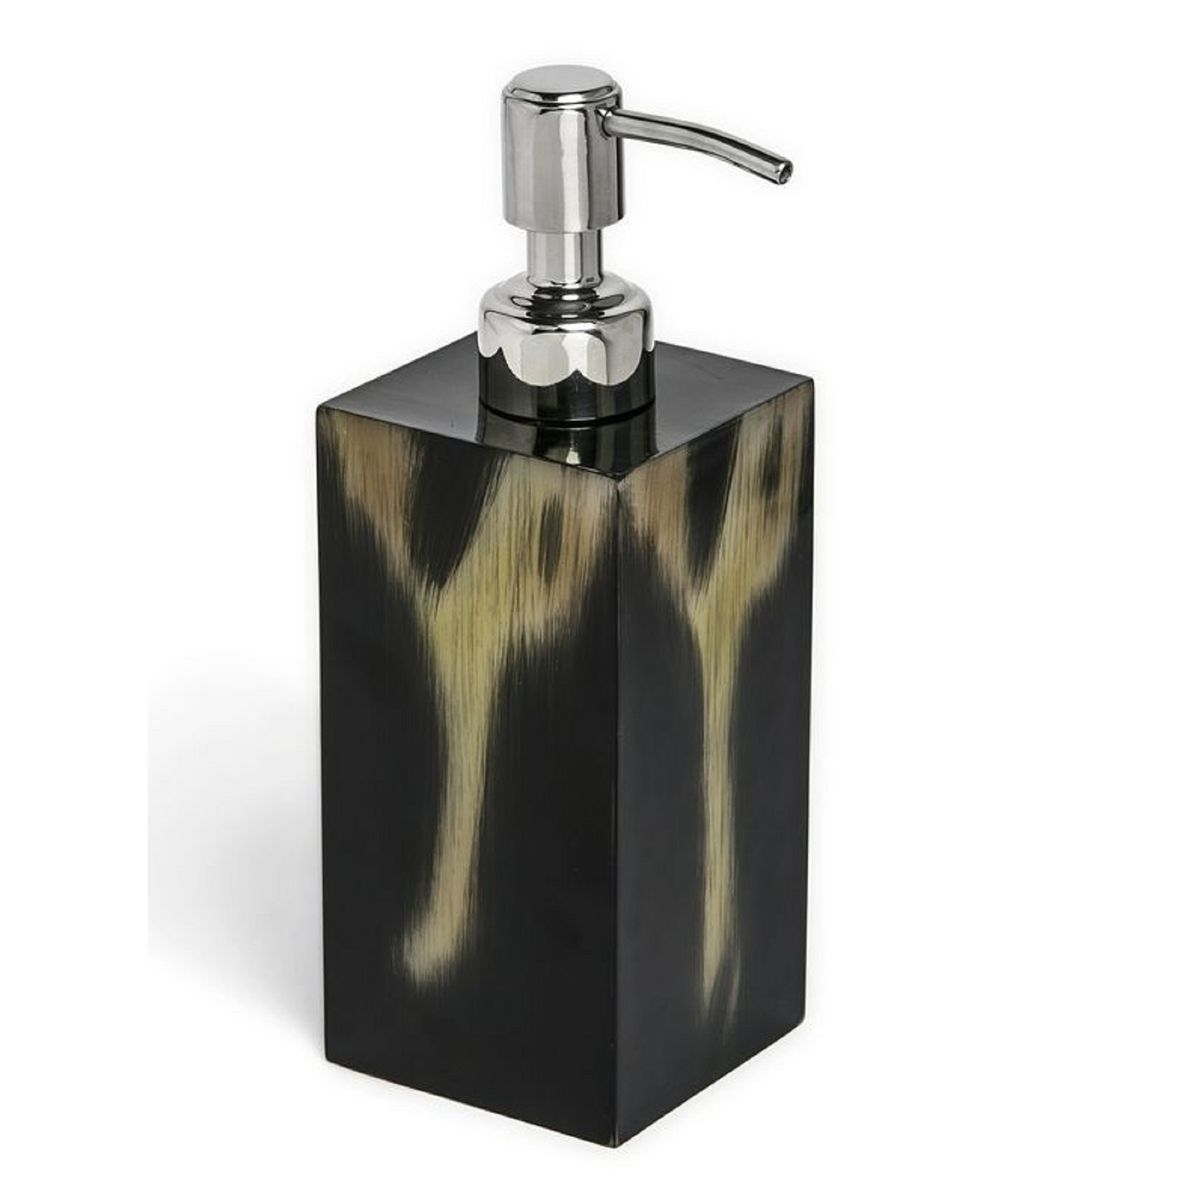 Дозаторы для мыла Дозатор для жидкого мыла Kassatex Aspen dozator-dlya-zhidkogo-myla-aspen-ot-kassatex-ssha-kitay.jpeg